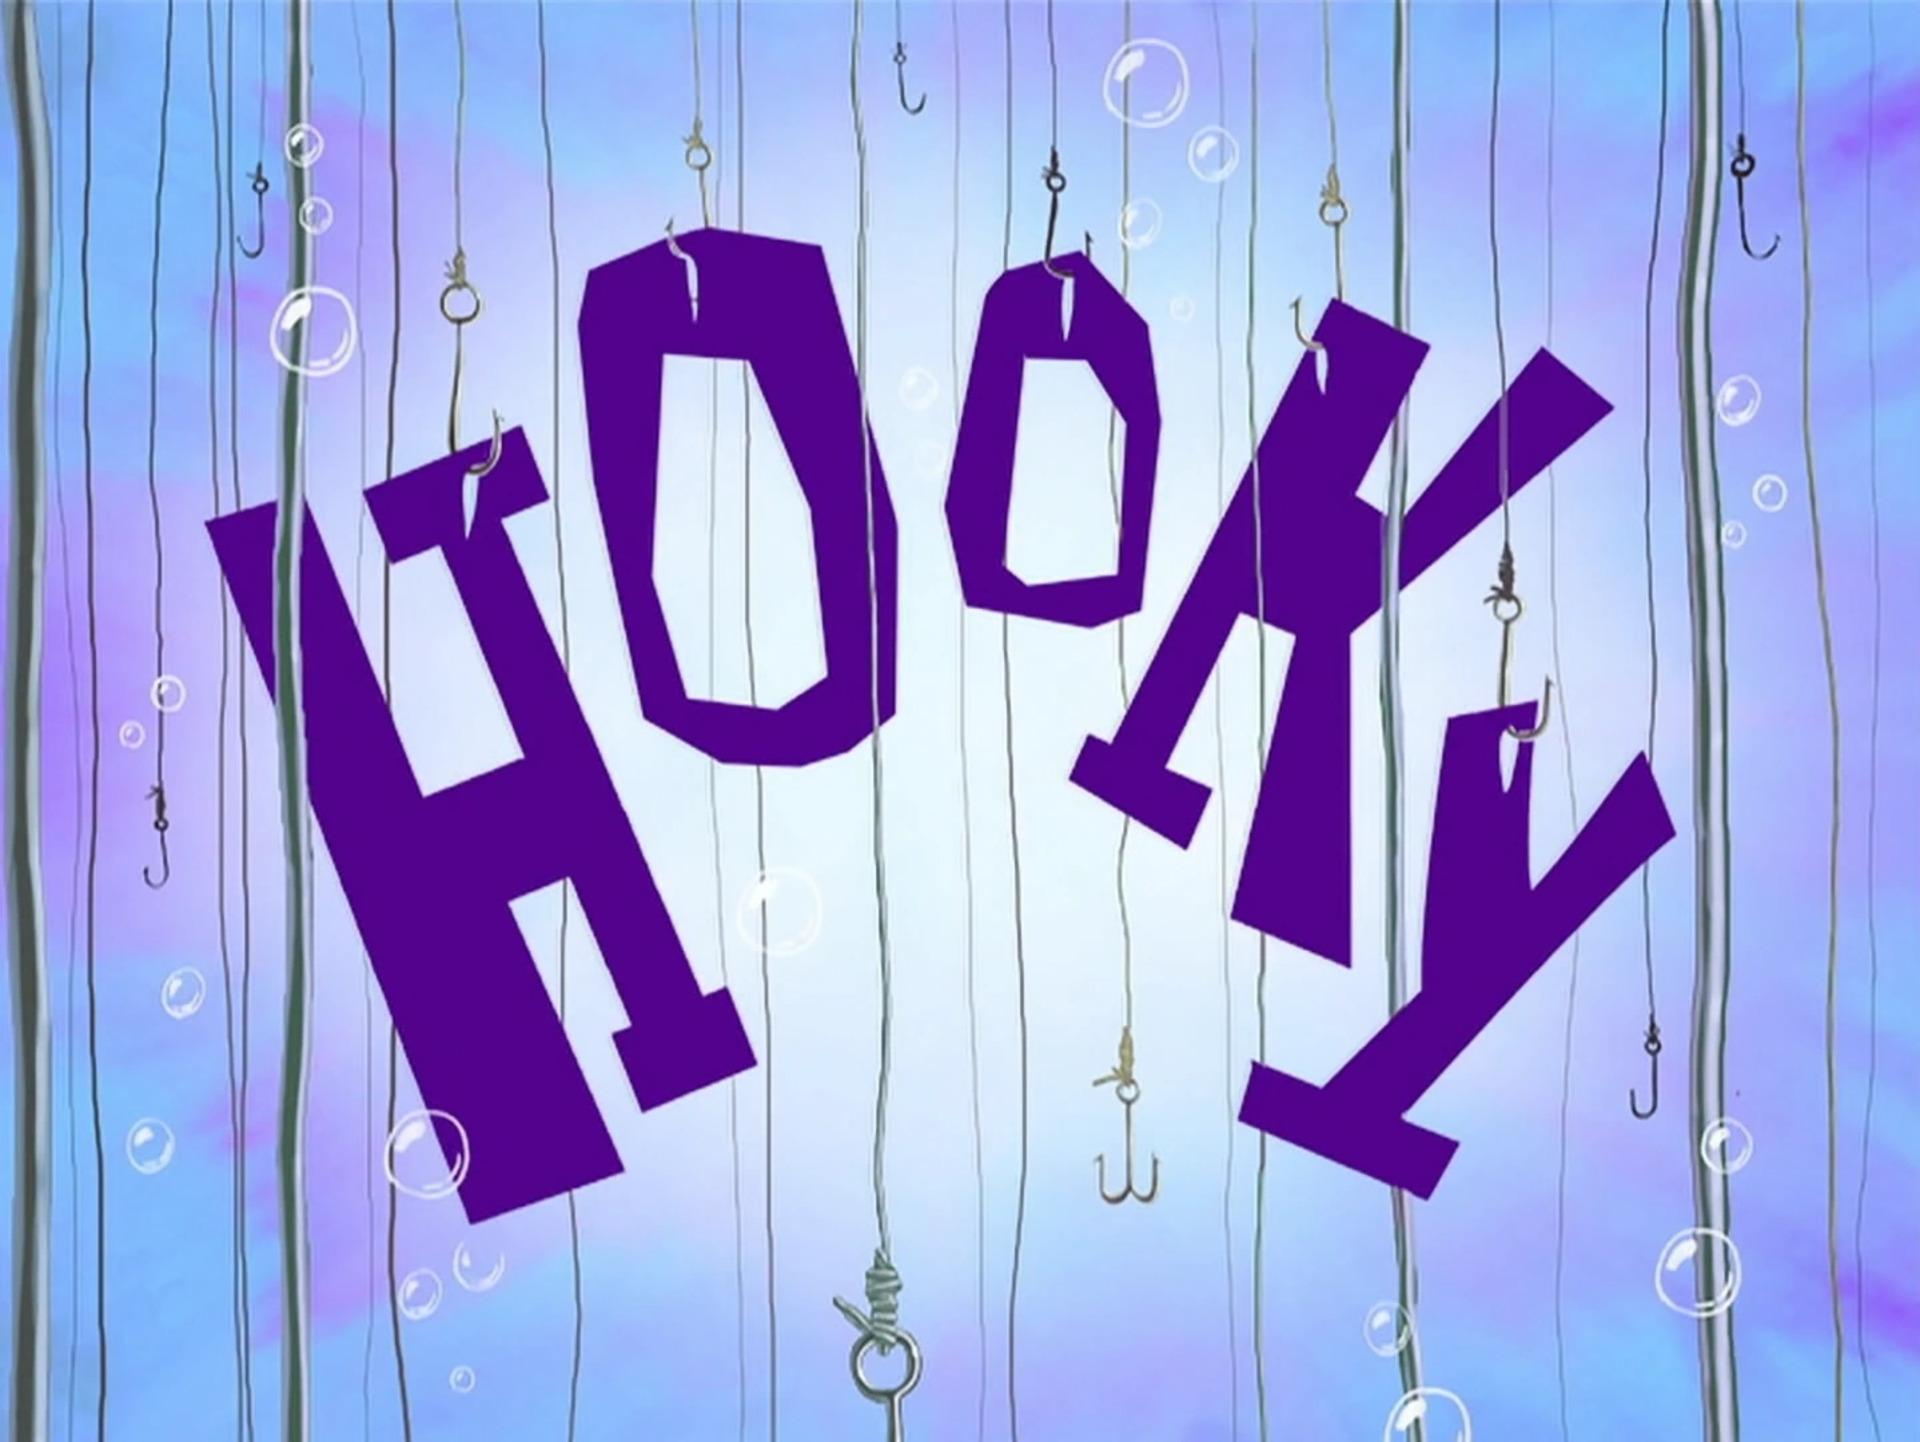 20a Hooky.jpg